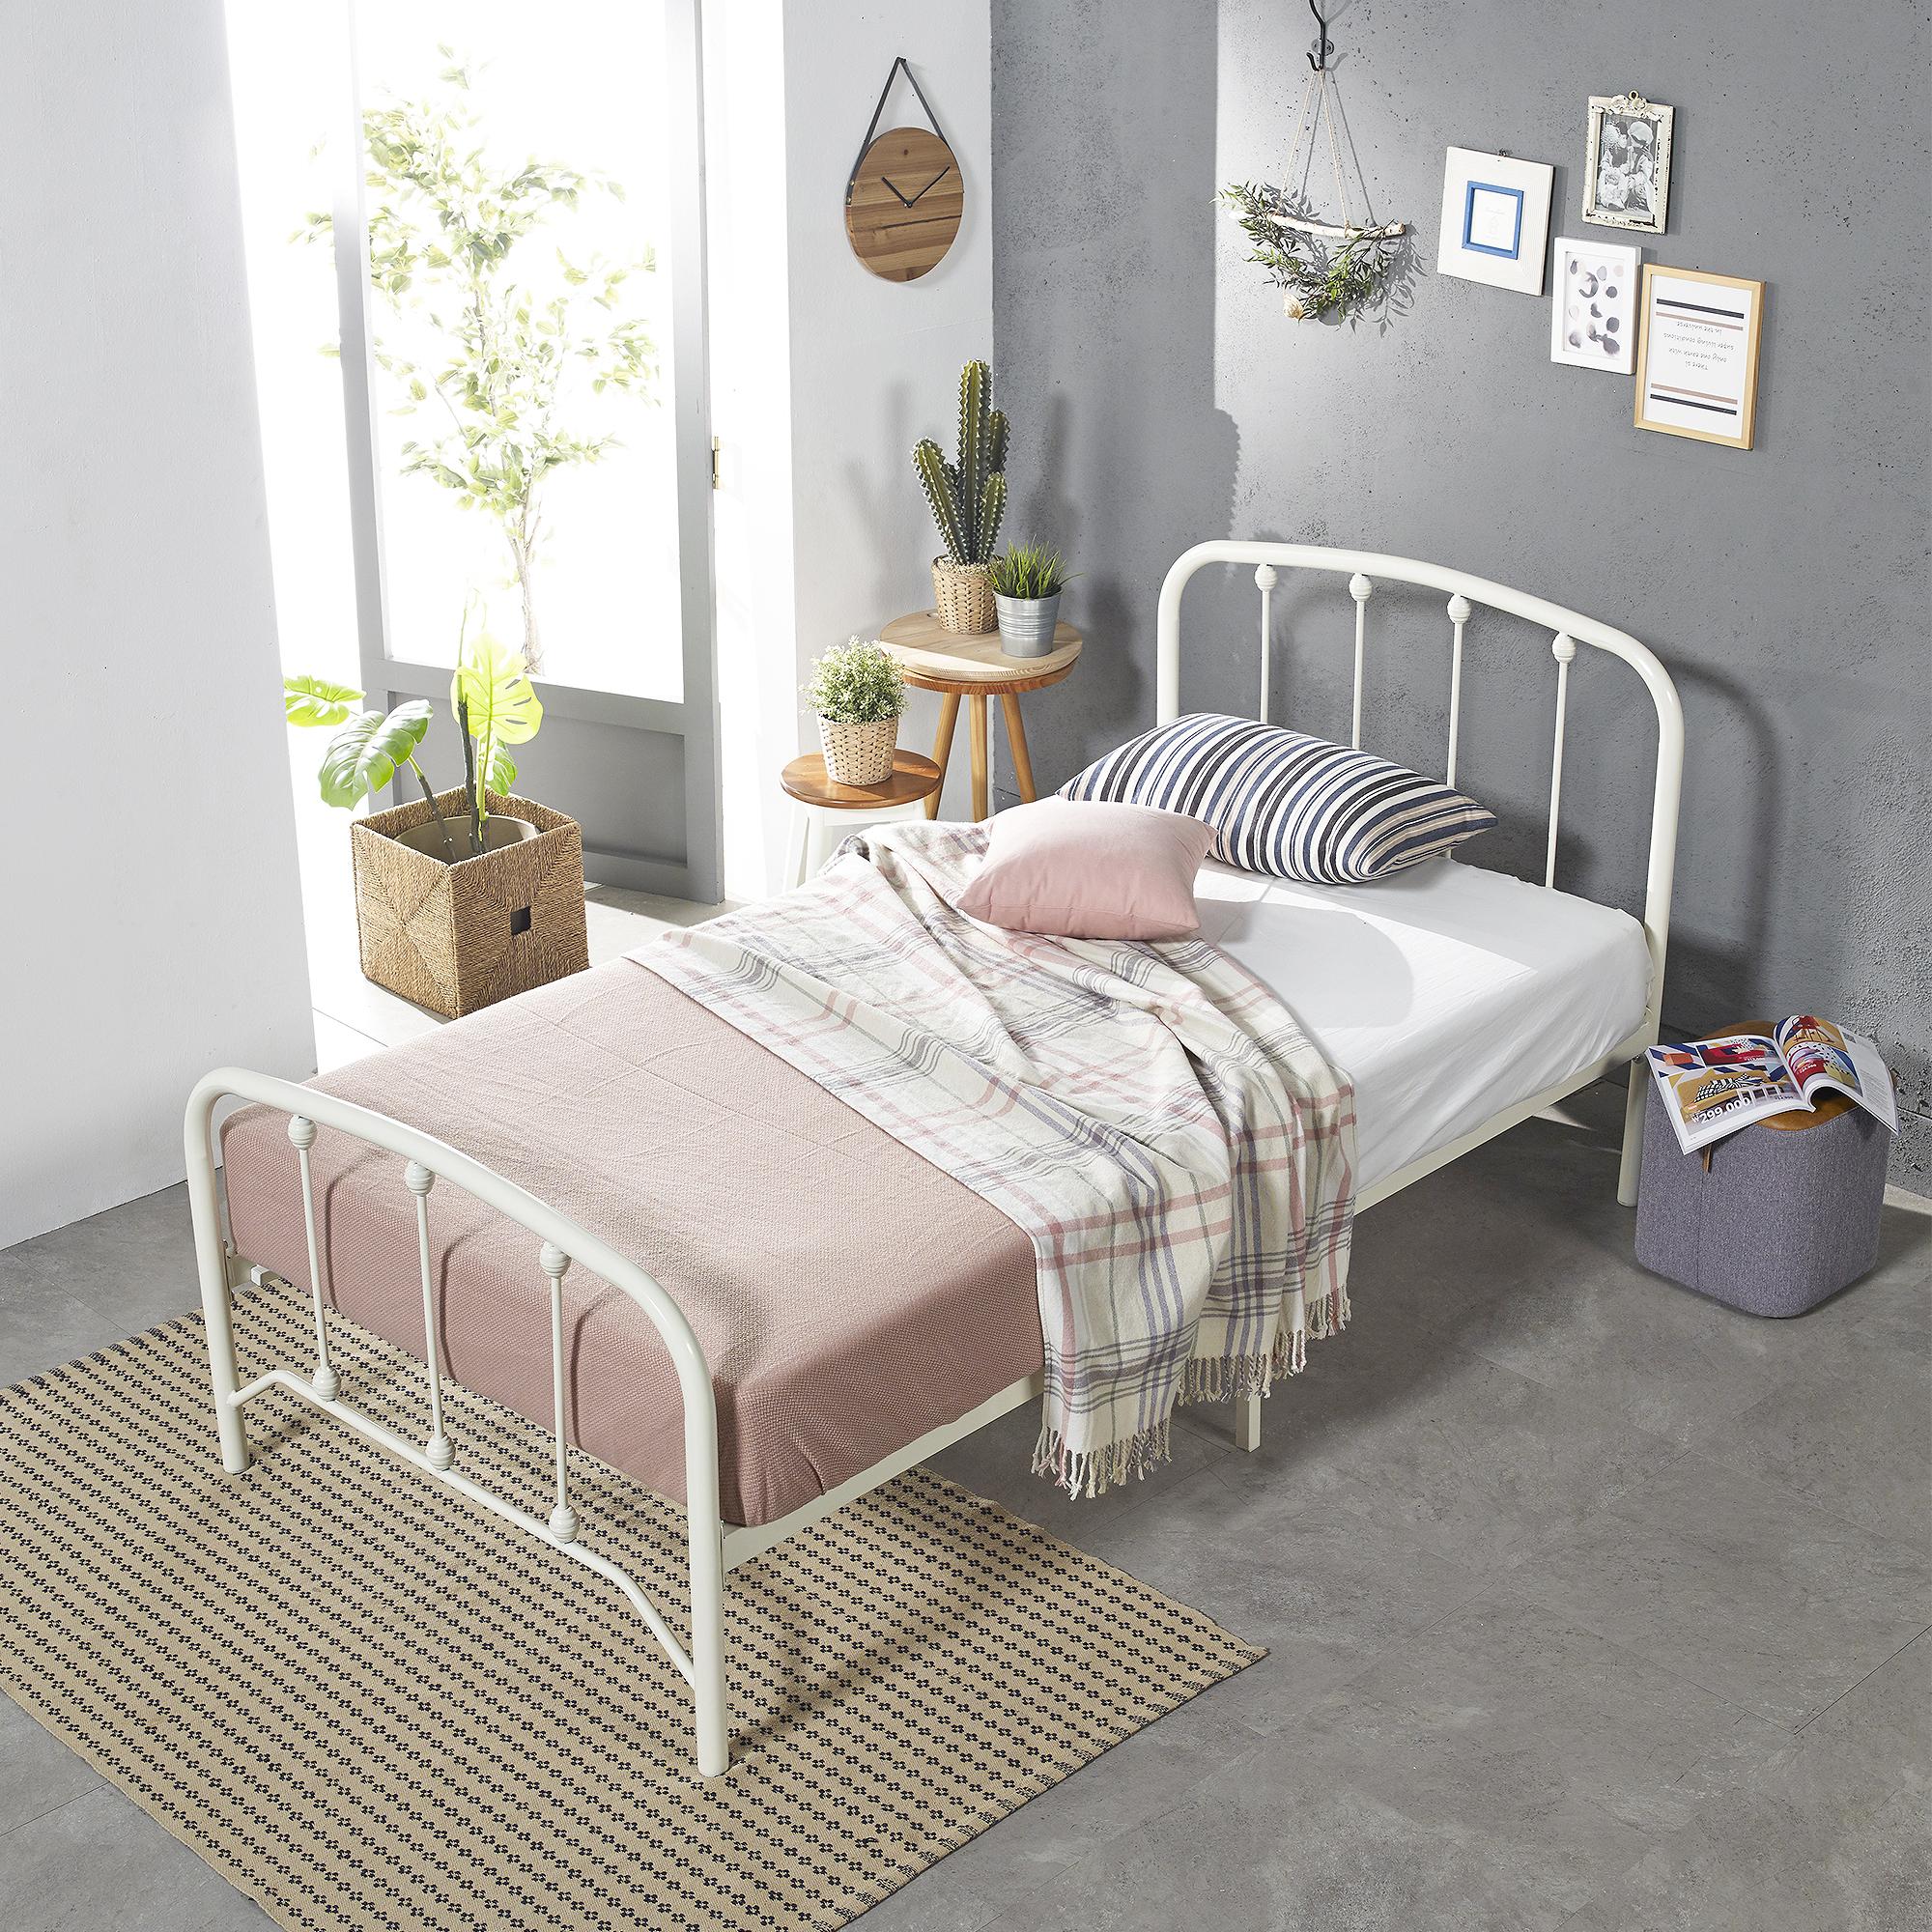 홈페리 라퓨타 침대 프레임 단품, 화이트